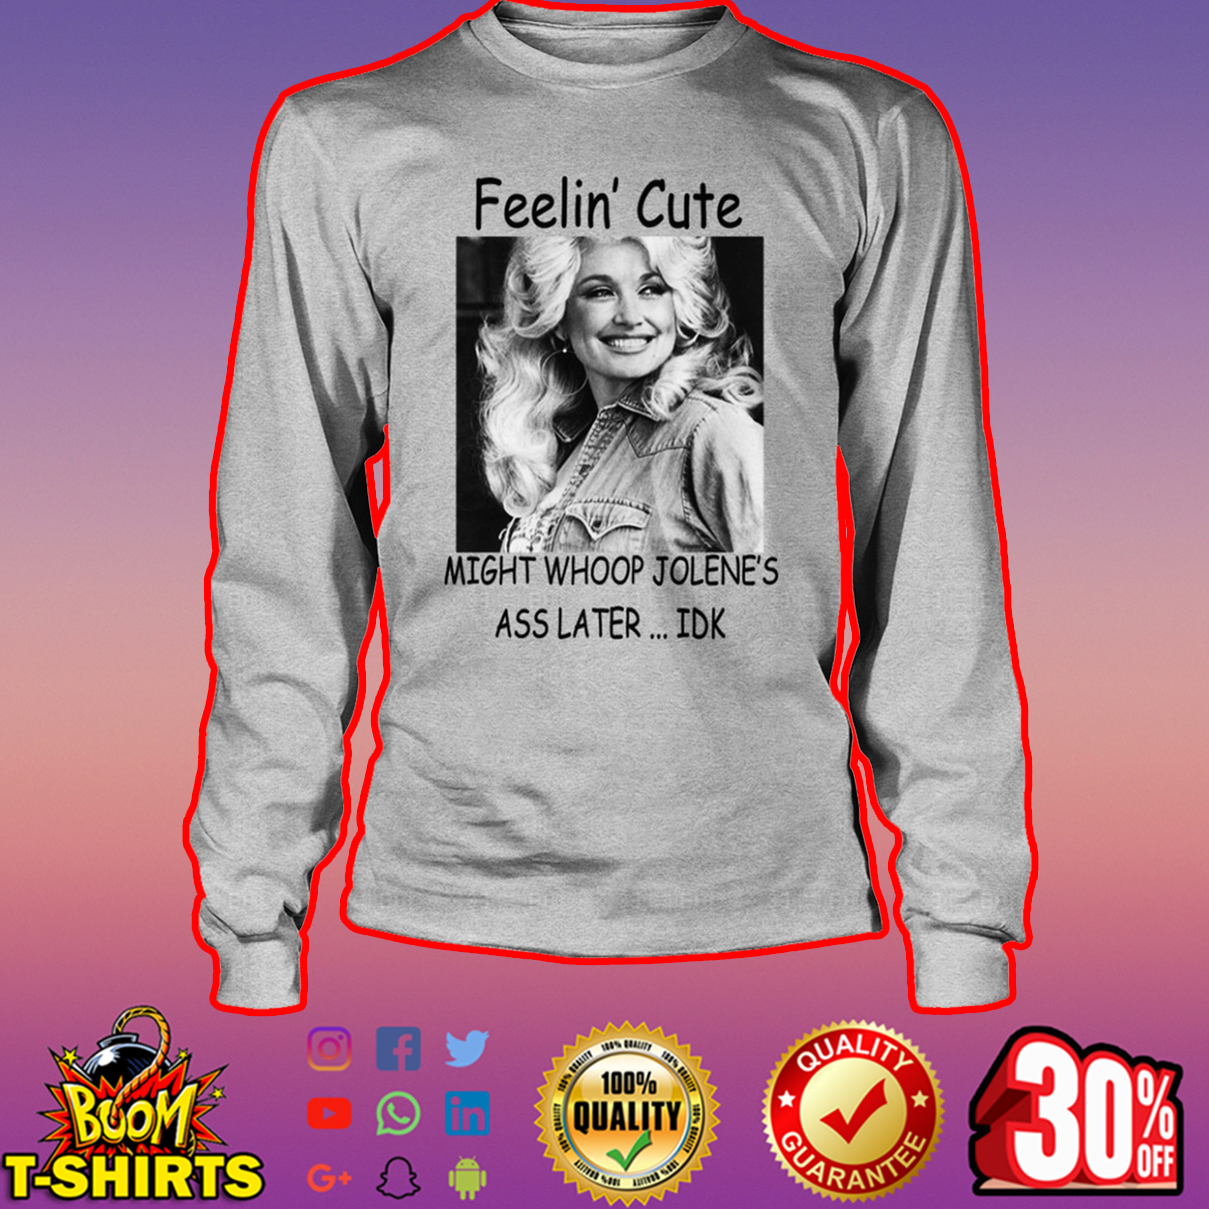 Dolly Parton Feelin' cute might whoop jolene's ass later IDK long sleeve tee